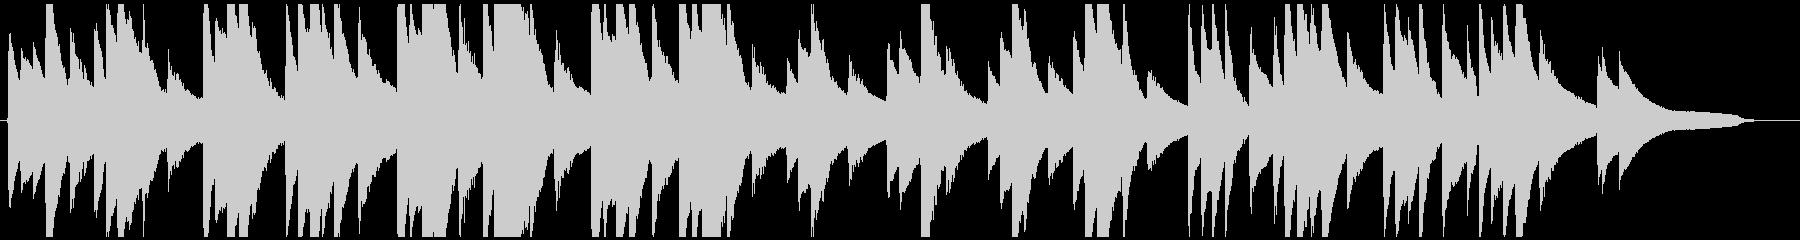 不思議な感じのするシンプルなピアノ曲の未再生の波形